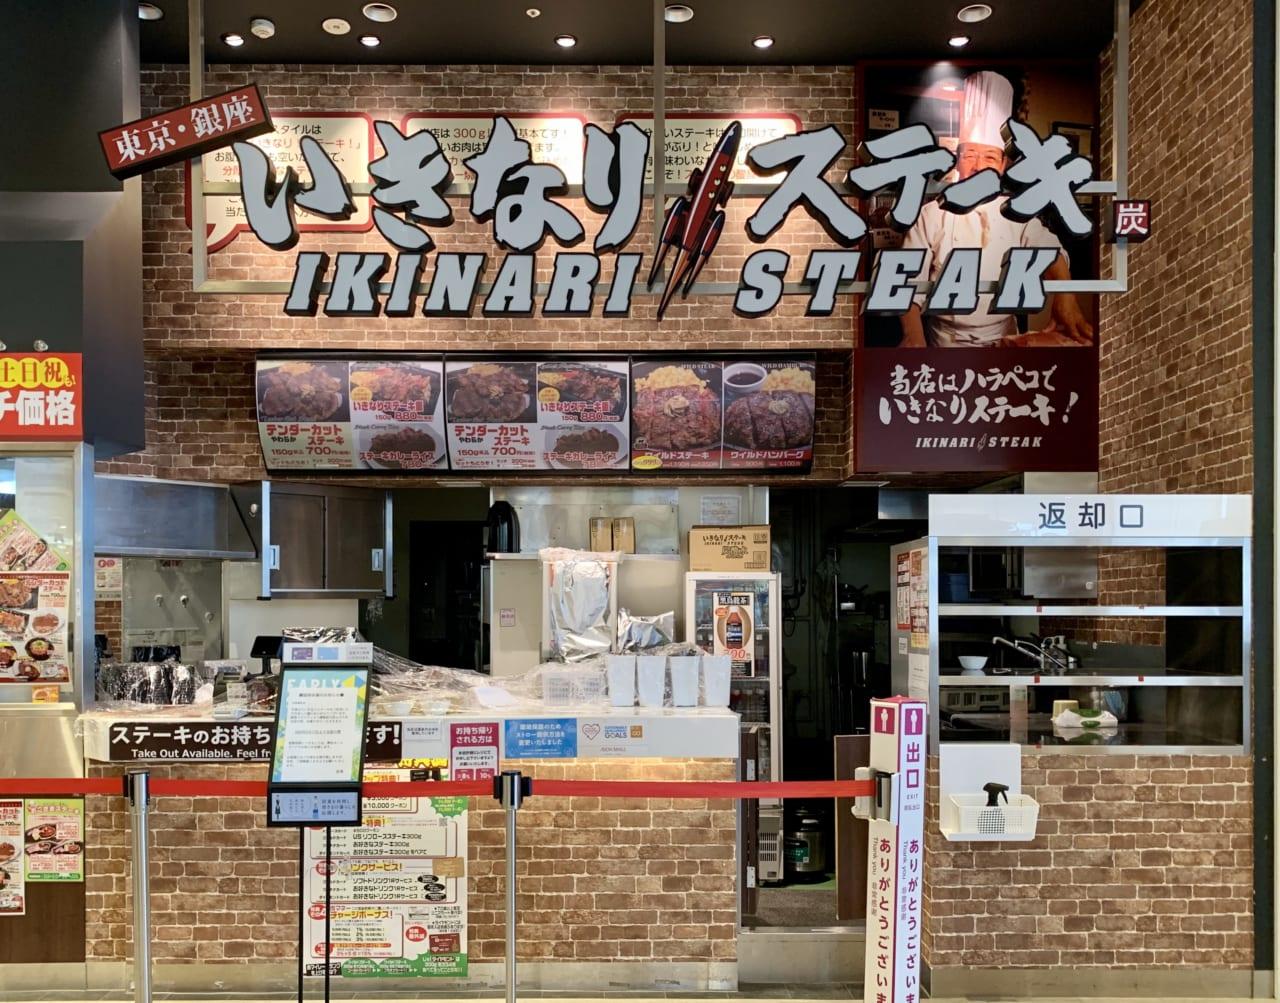 いきなりステーキイオン出雲店